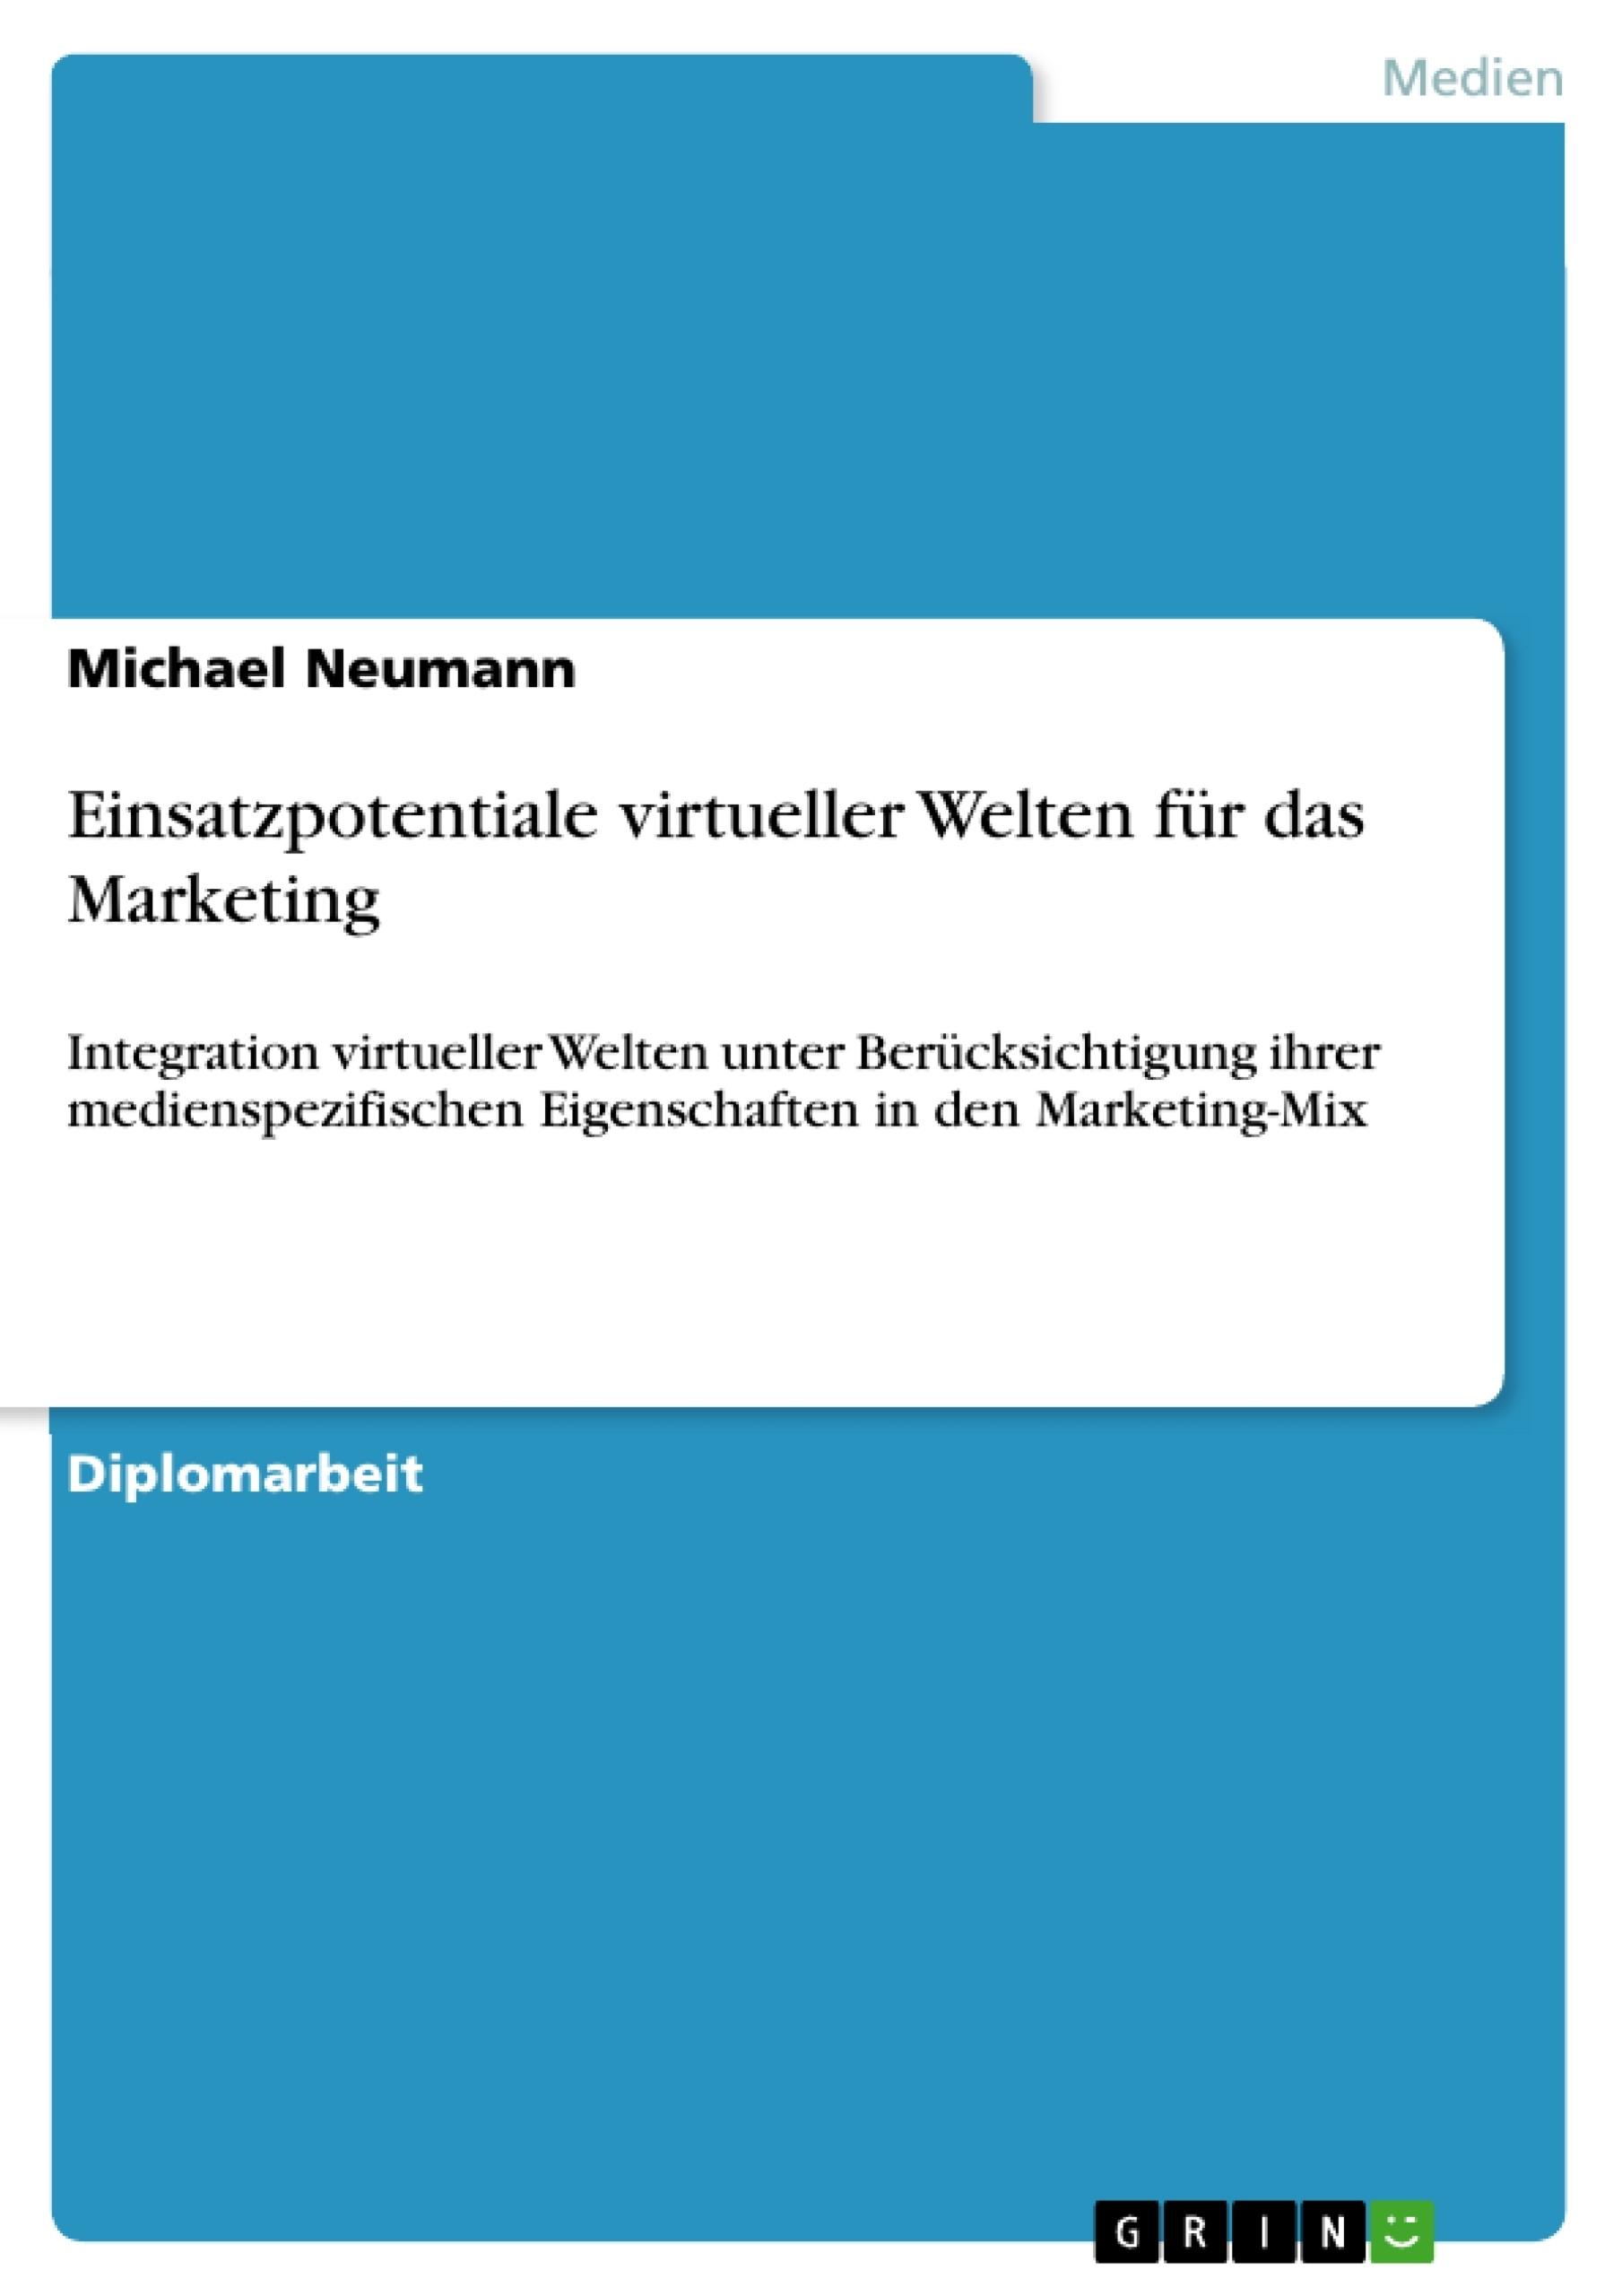 Titel: Einsatzpotentiale virtueller Welten für das Marketing